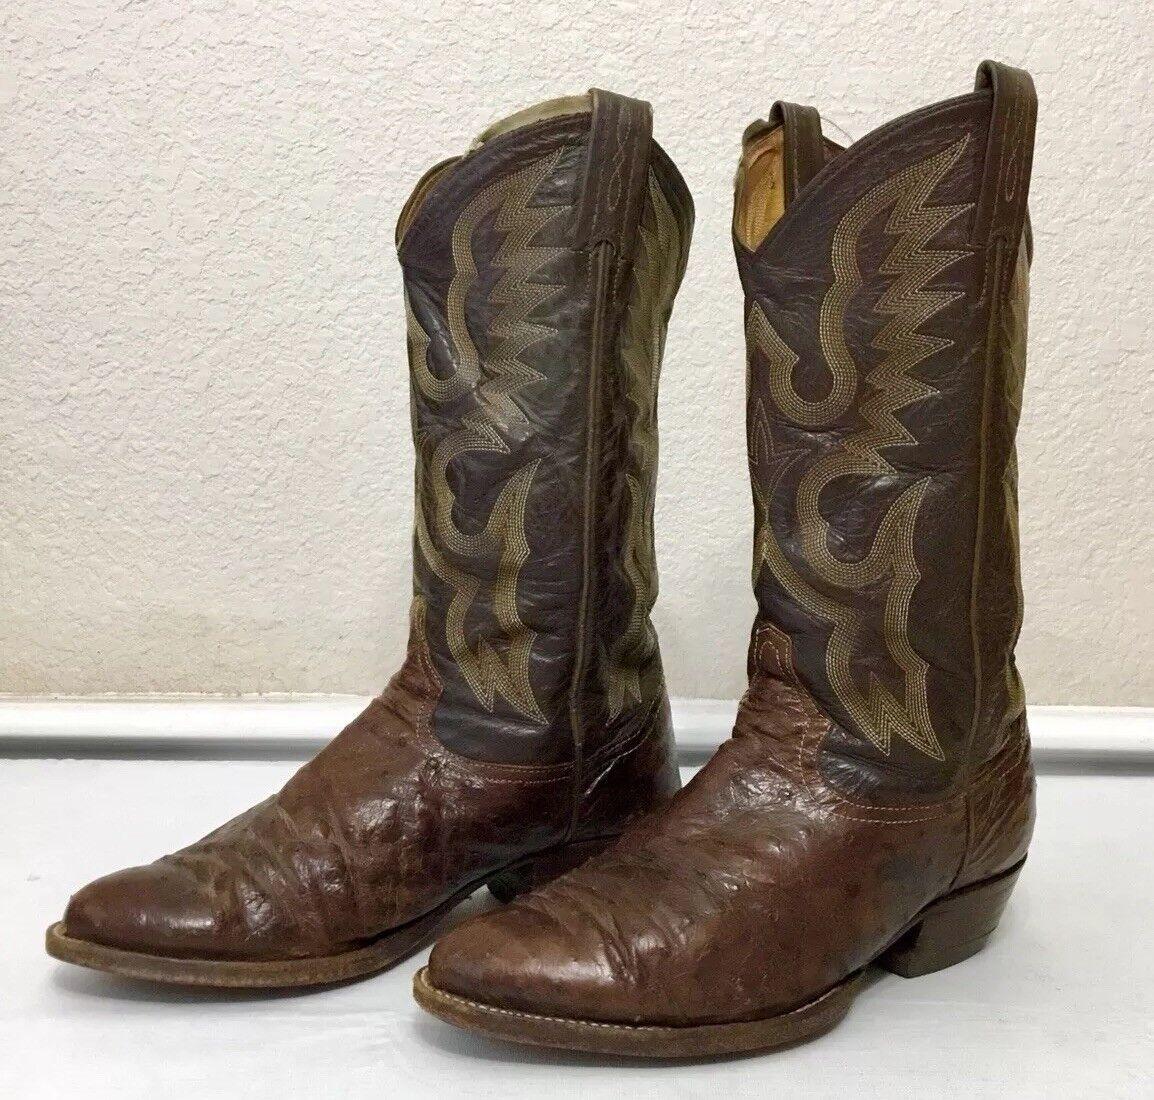 spedizione veloce a te Vintage Tony Lama Lama Lama Y8598 Ostrich Leather Cowboy stivali Dimensione 8 EE 8598  divertiti con uno sconto del 30-50%